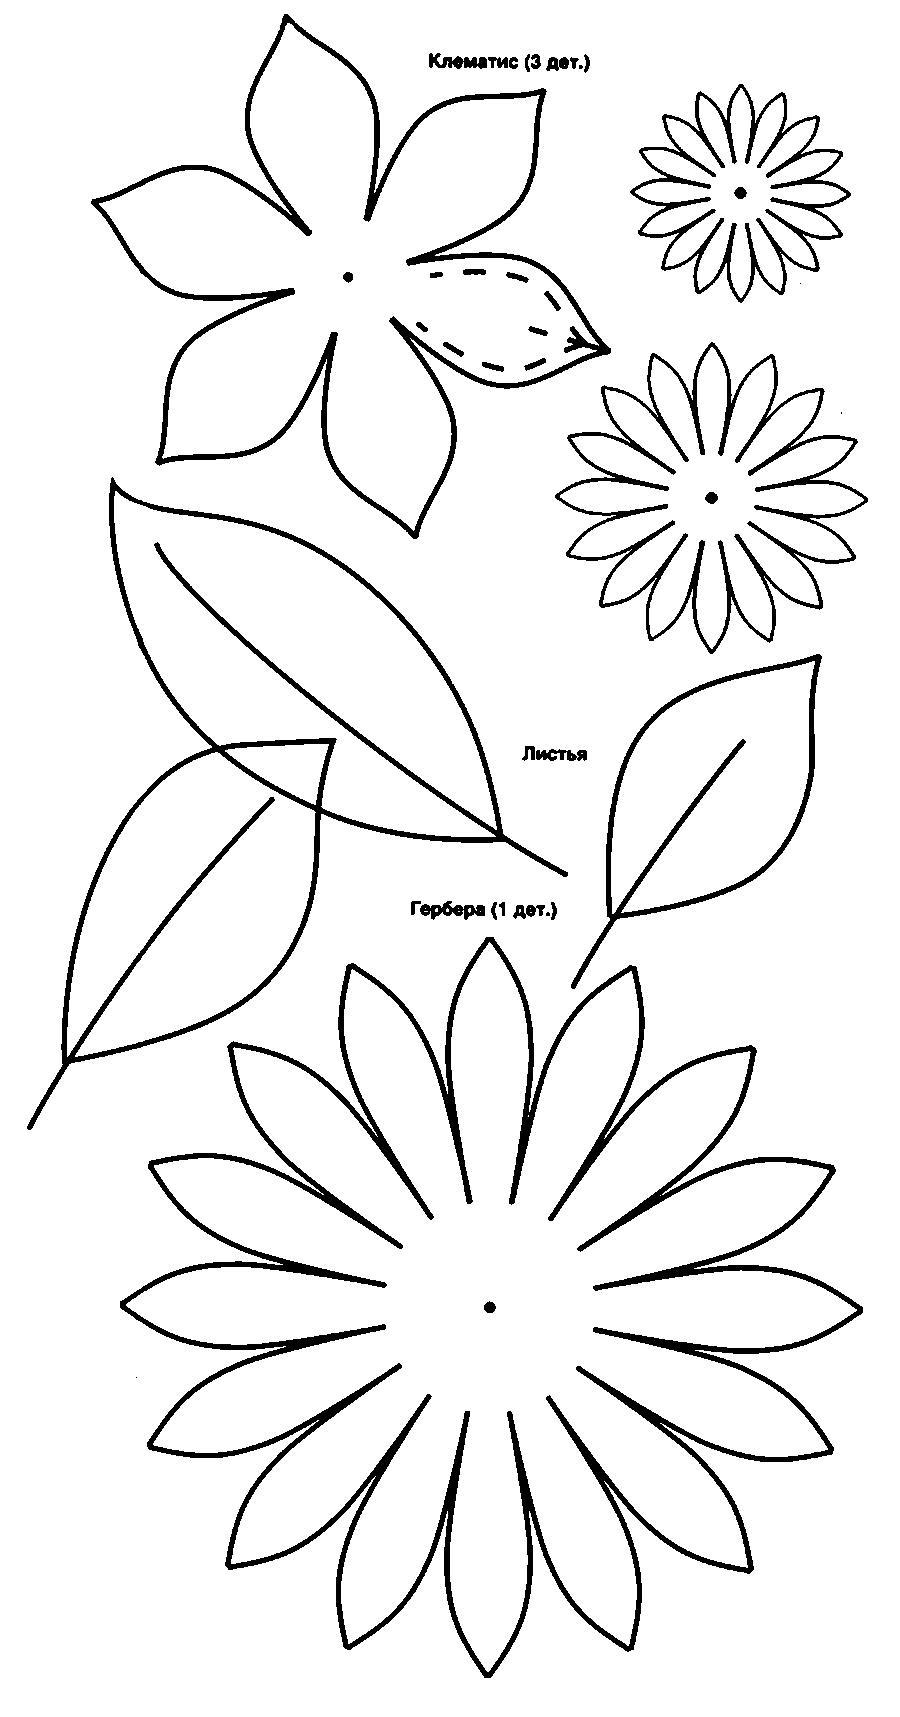 Розмальовки Квіти шаблони для вирізання шаблони квітів